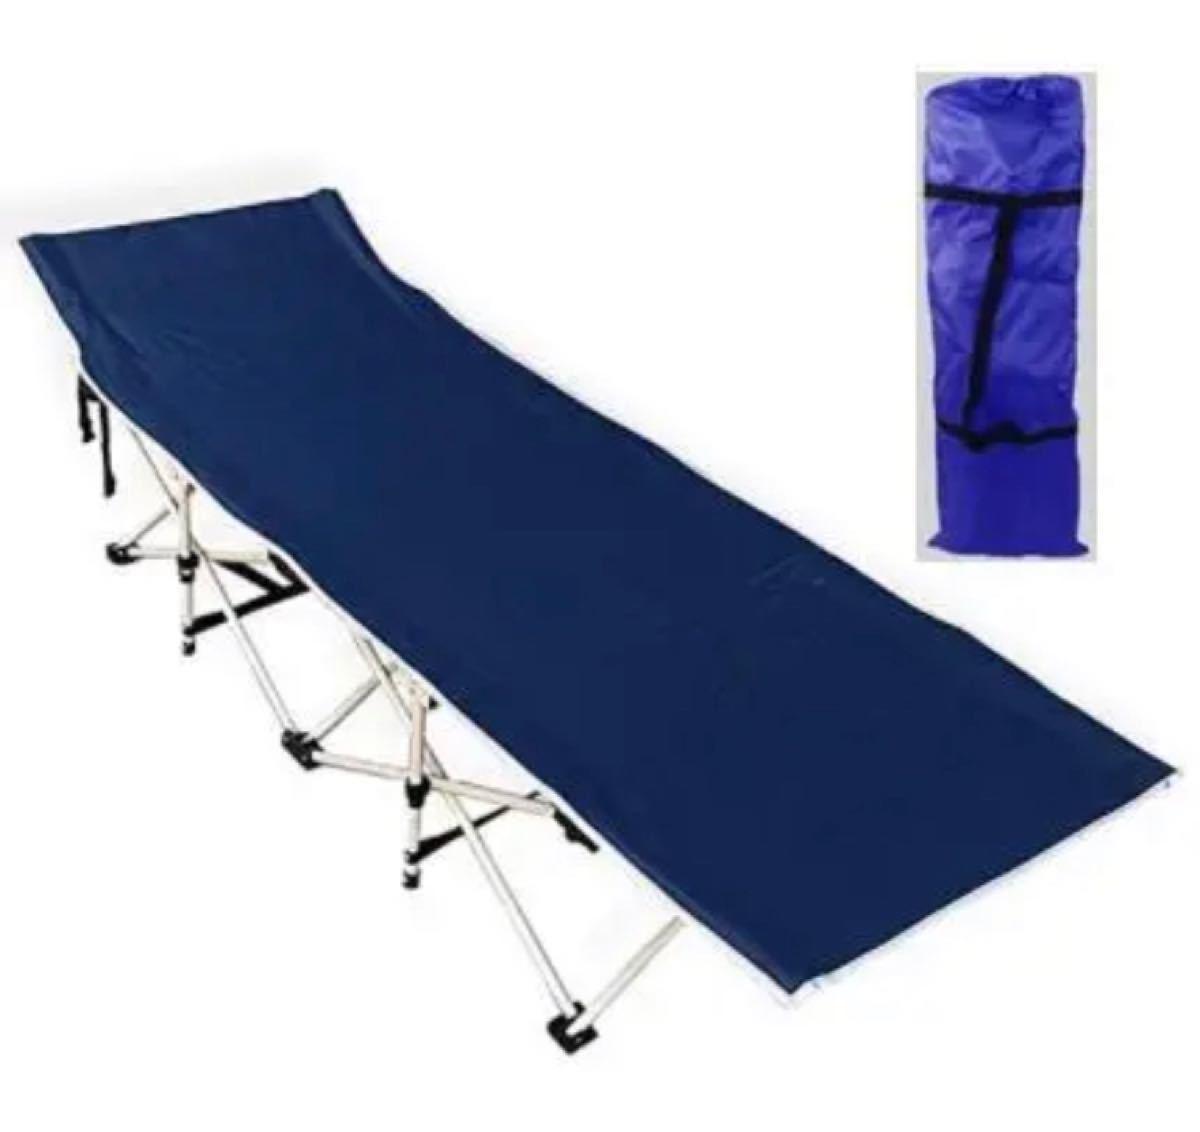 アウトドアベッド 折りたたみベッド コット 耐荷重100kg 収納ケース付き